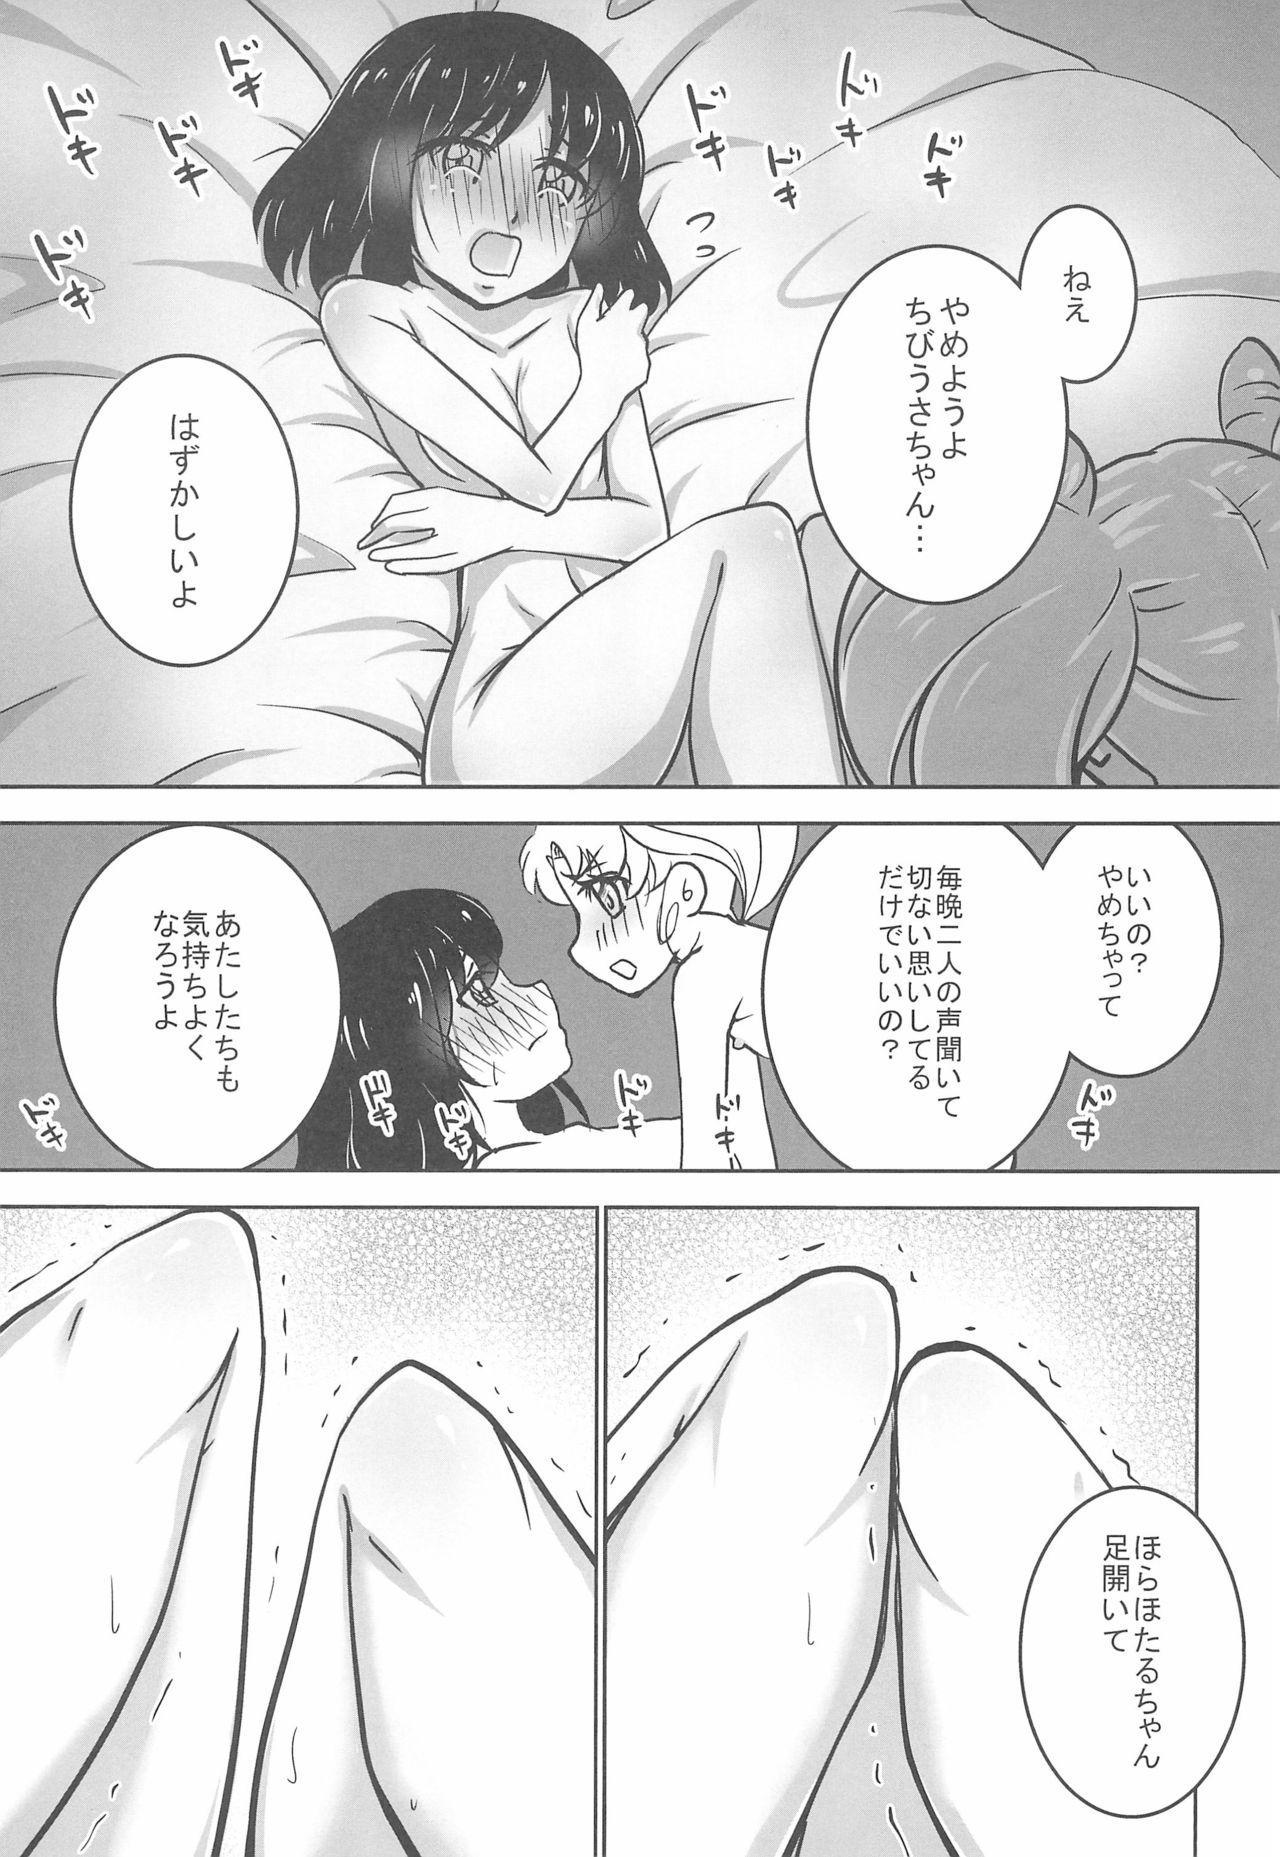 Hotaru to Chibiusa no Hajimete no Naisho 4